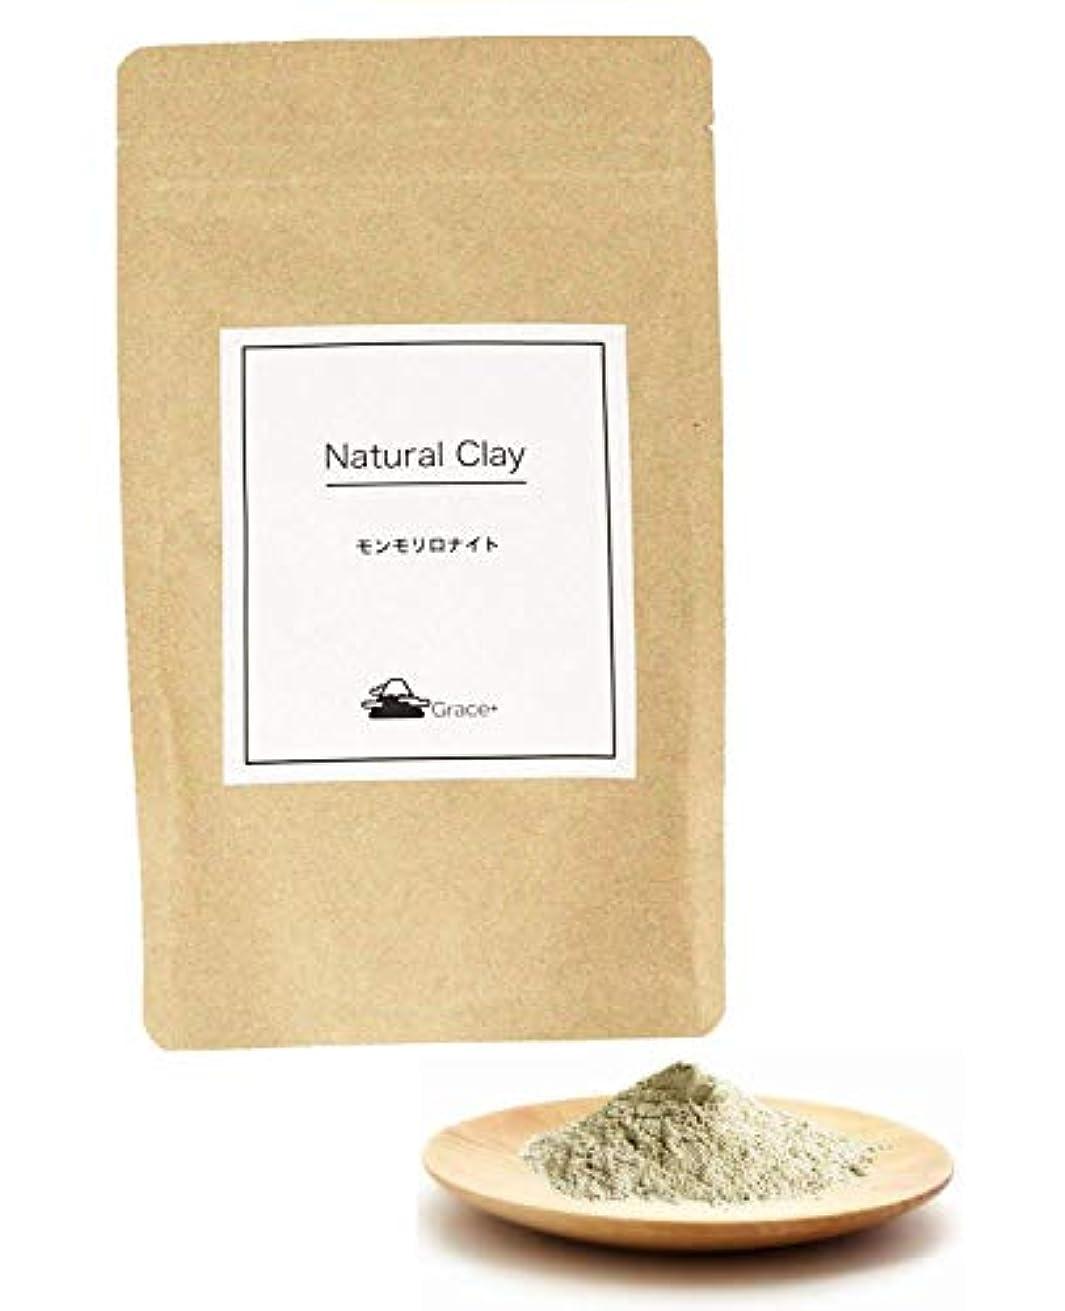 空いている取得する怒って手作り化粧品の素材 Grace+ ナチュラルクレイ(Natural Clay) モンモリロナイト (ベントナイト) (200g)